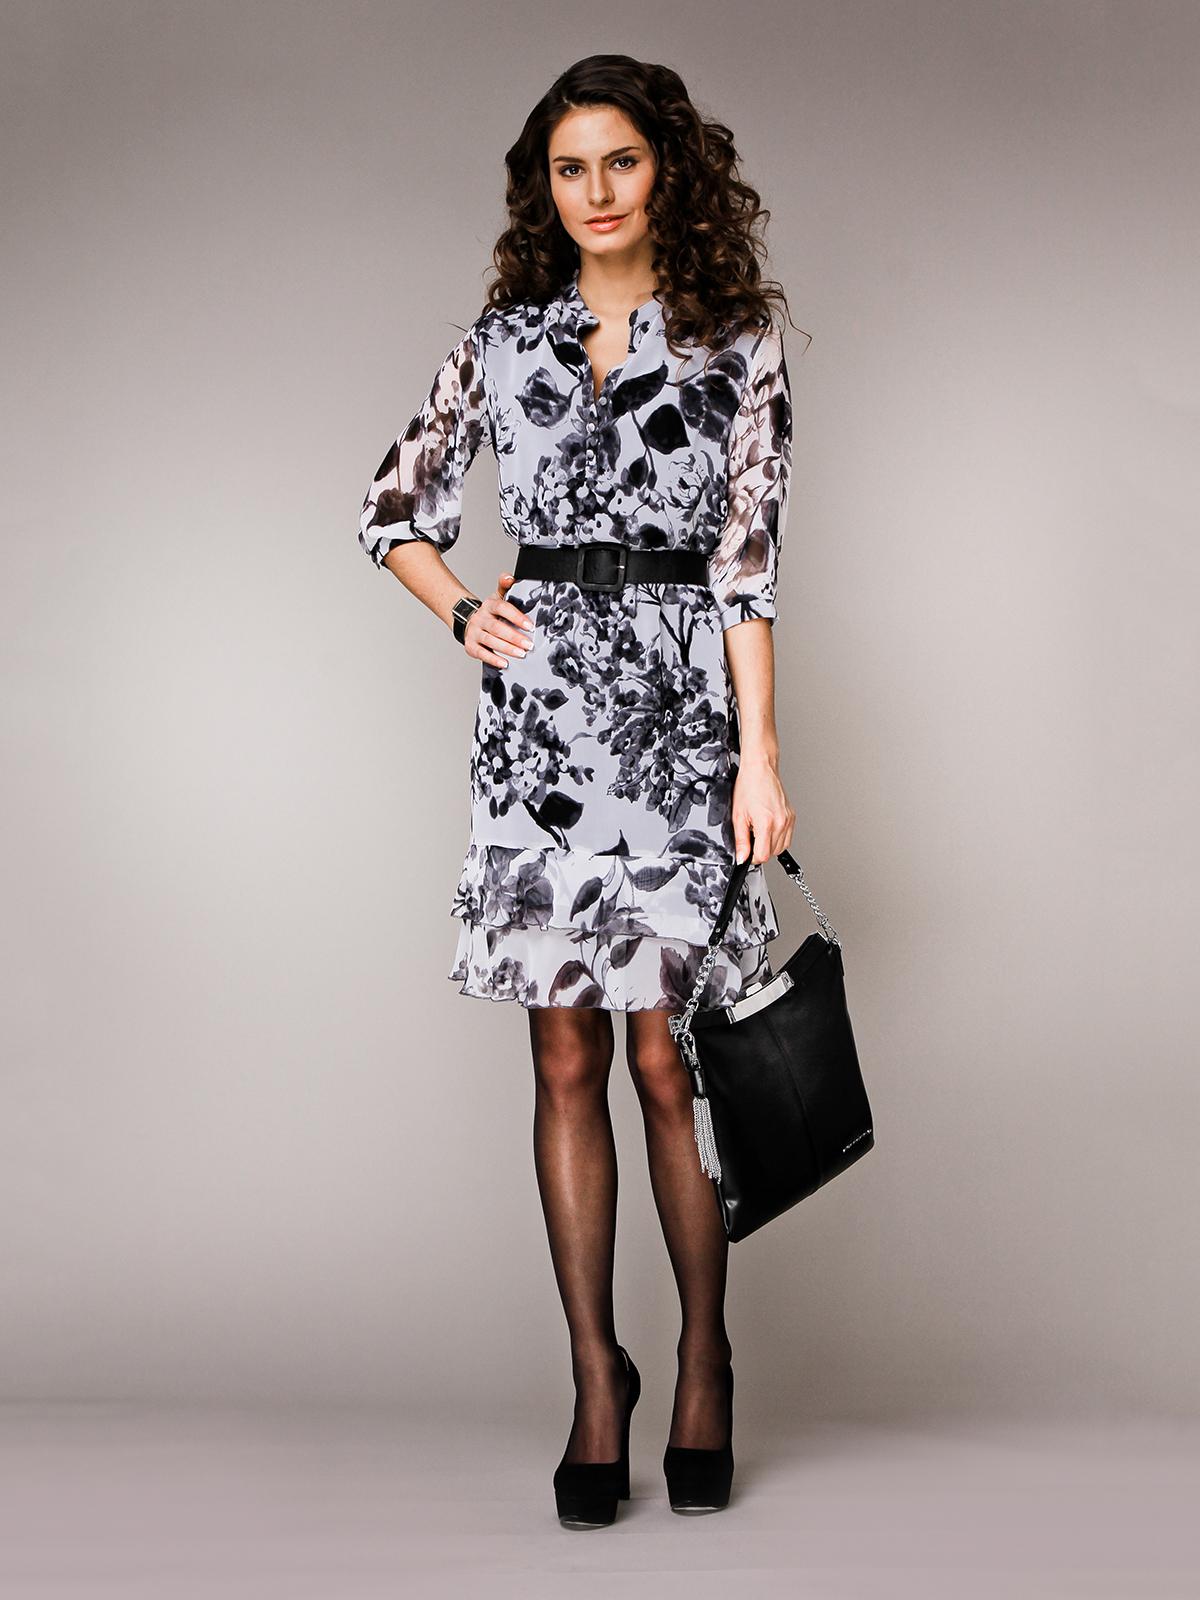 Petra, украинские бренды, покупай украинские